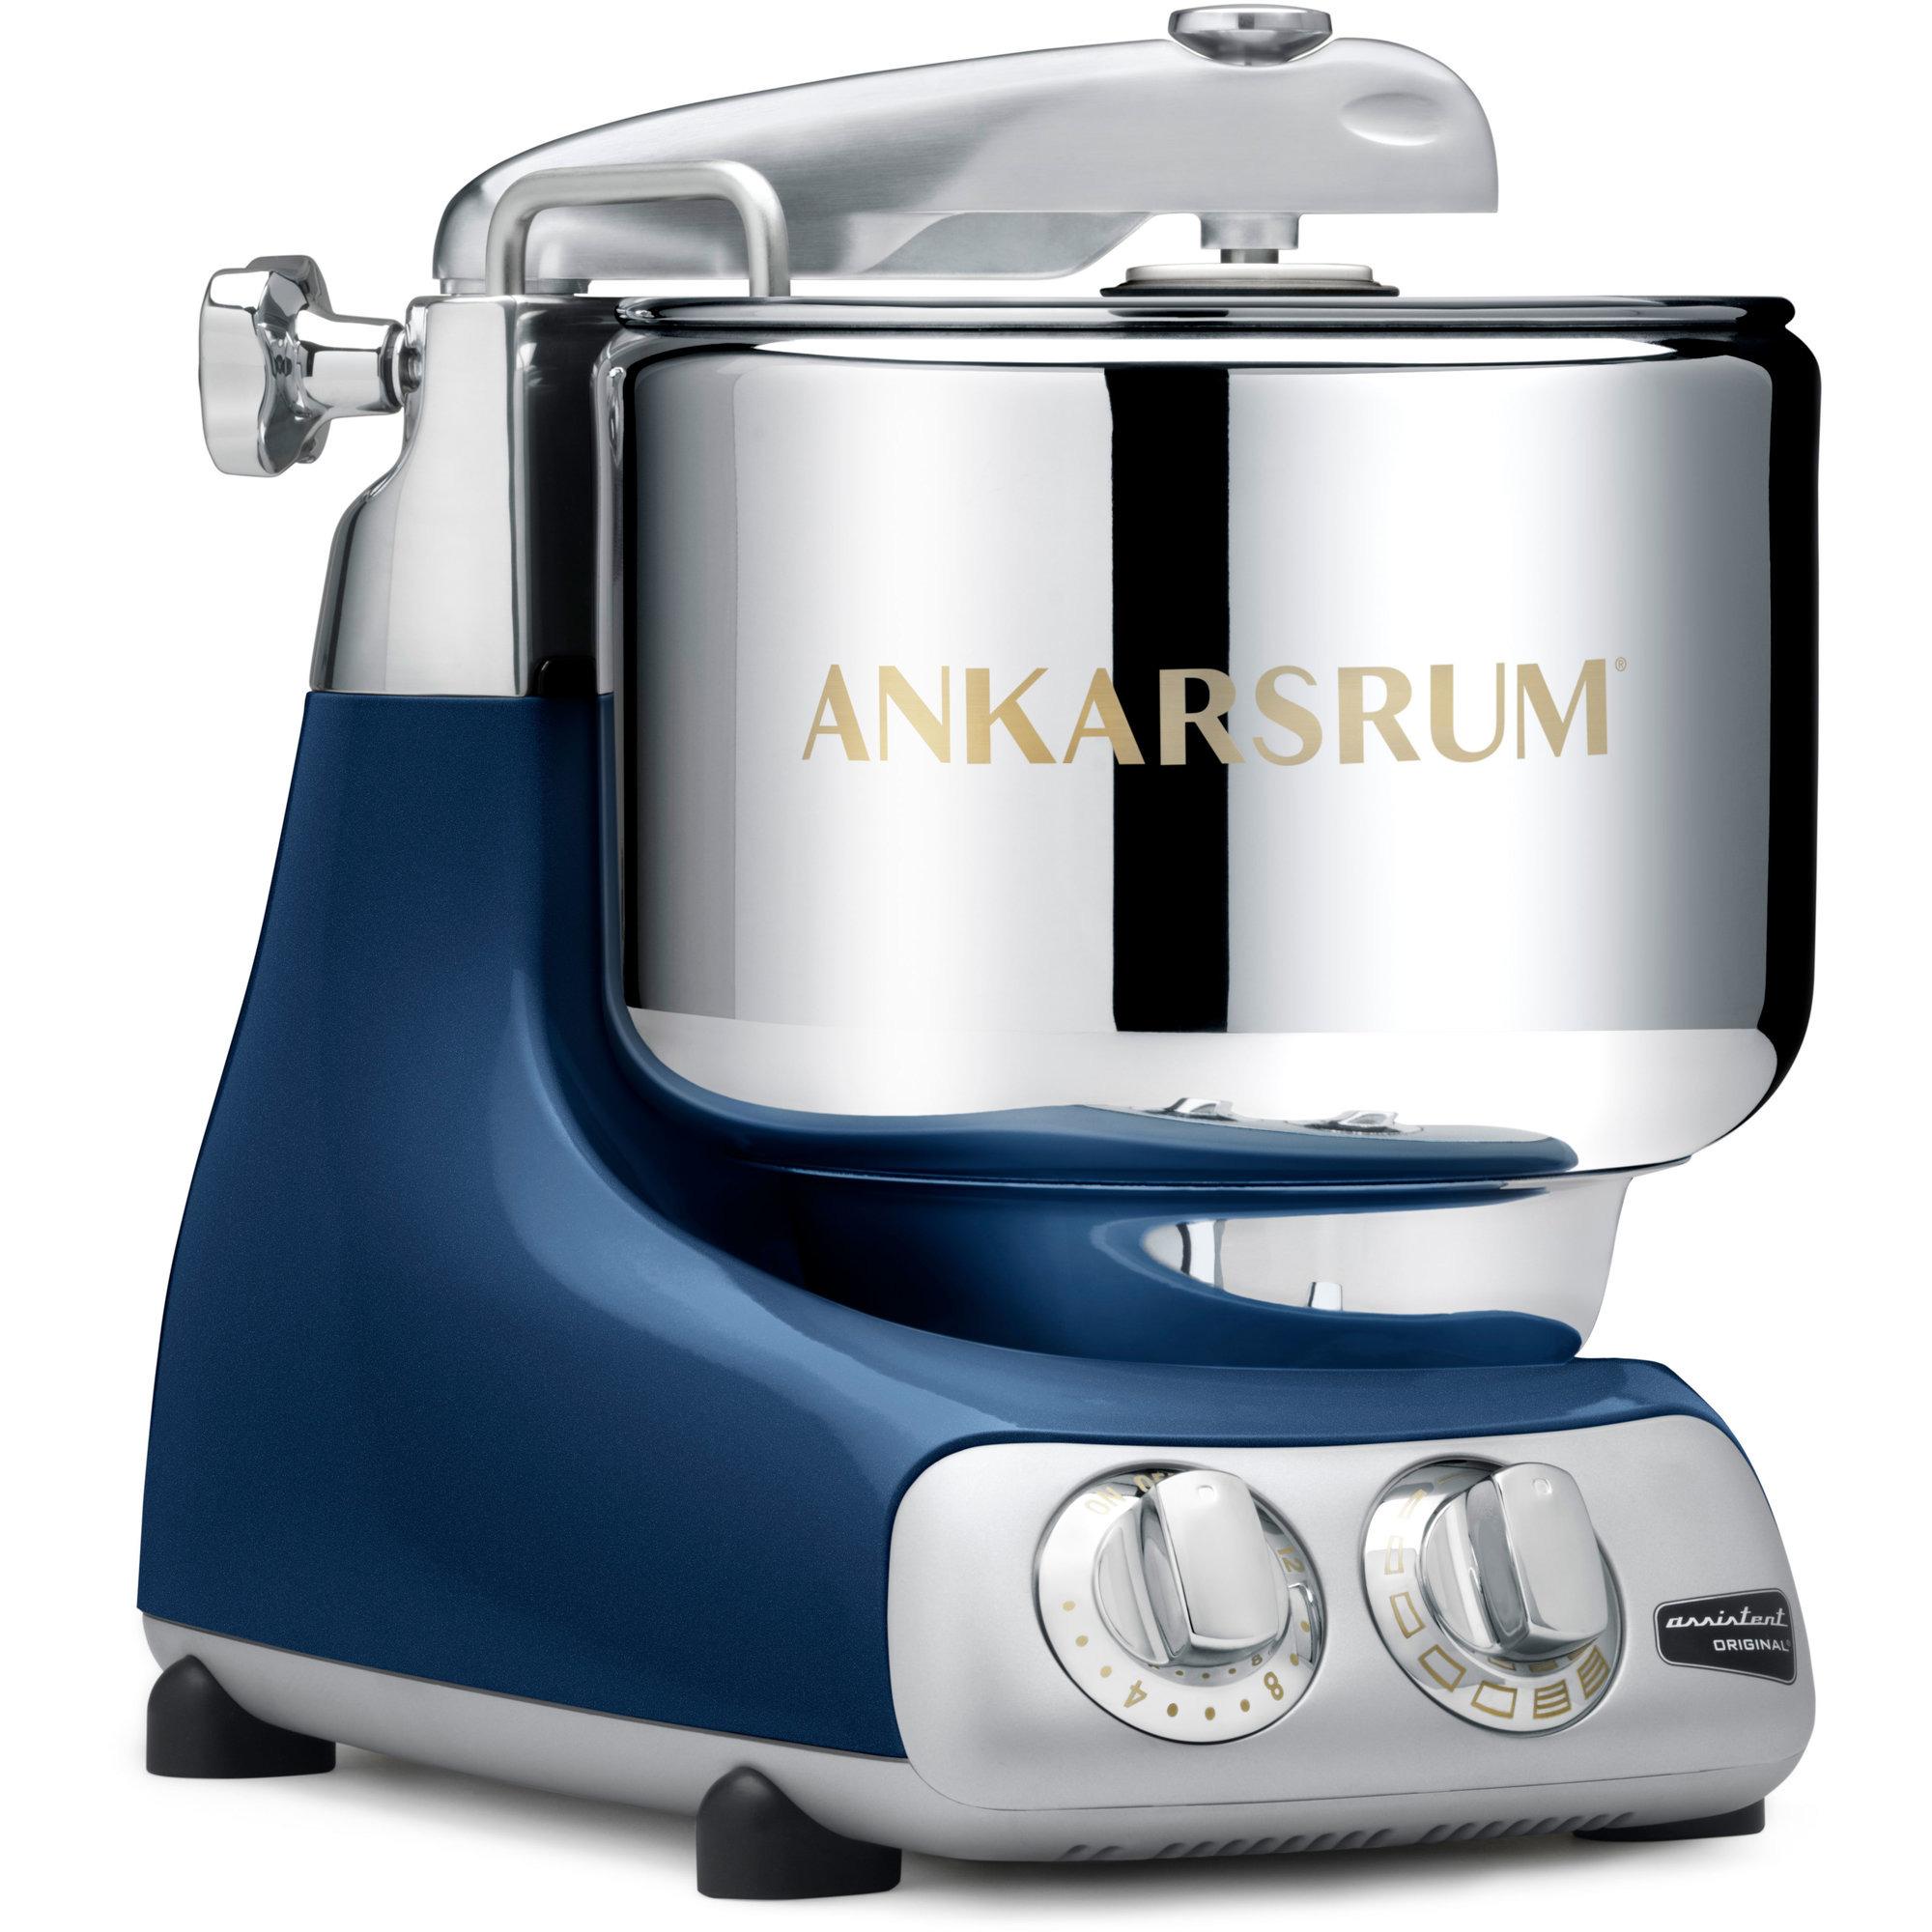 Bilde av Ankarsrum Akm 6230 Kjøkkenmaskine Original Ocean Blue